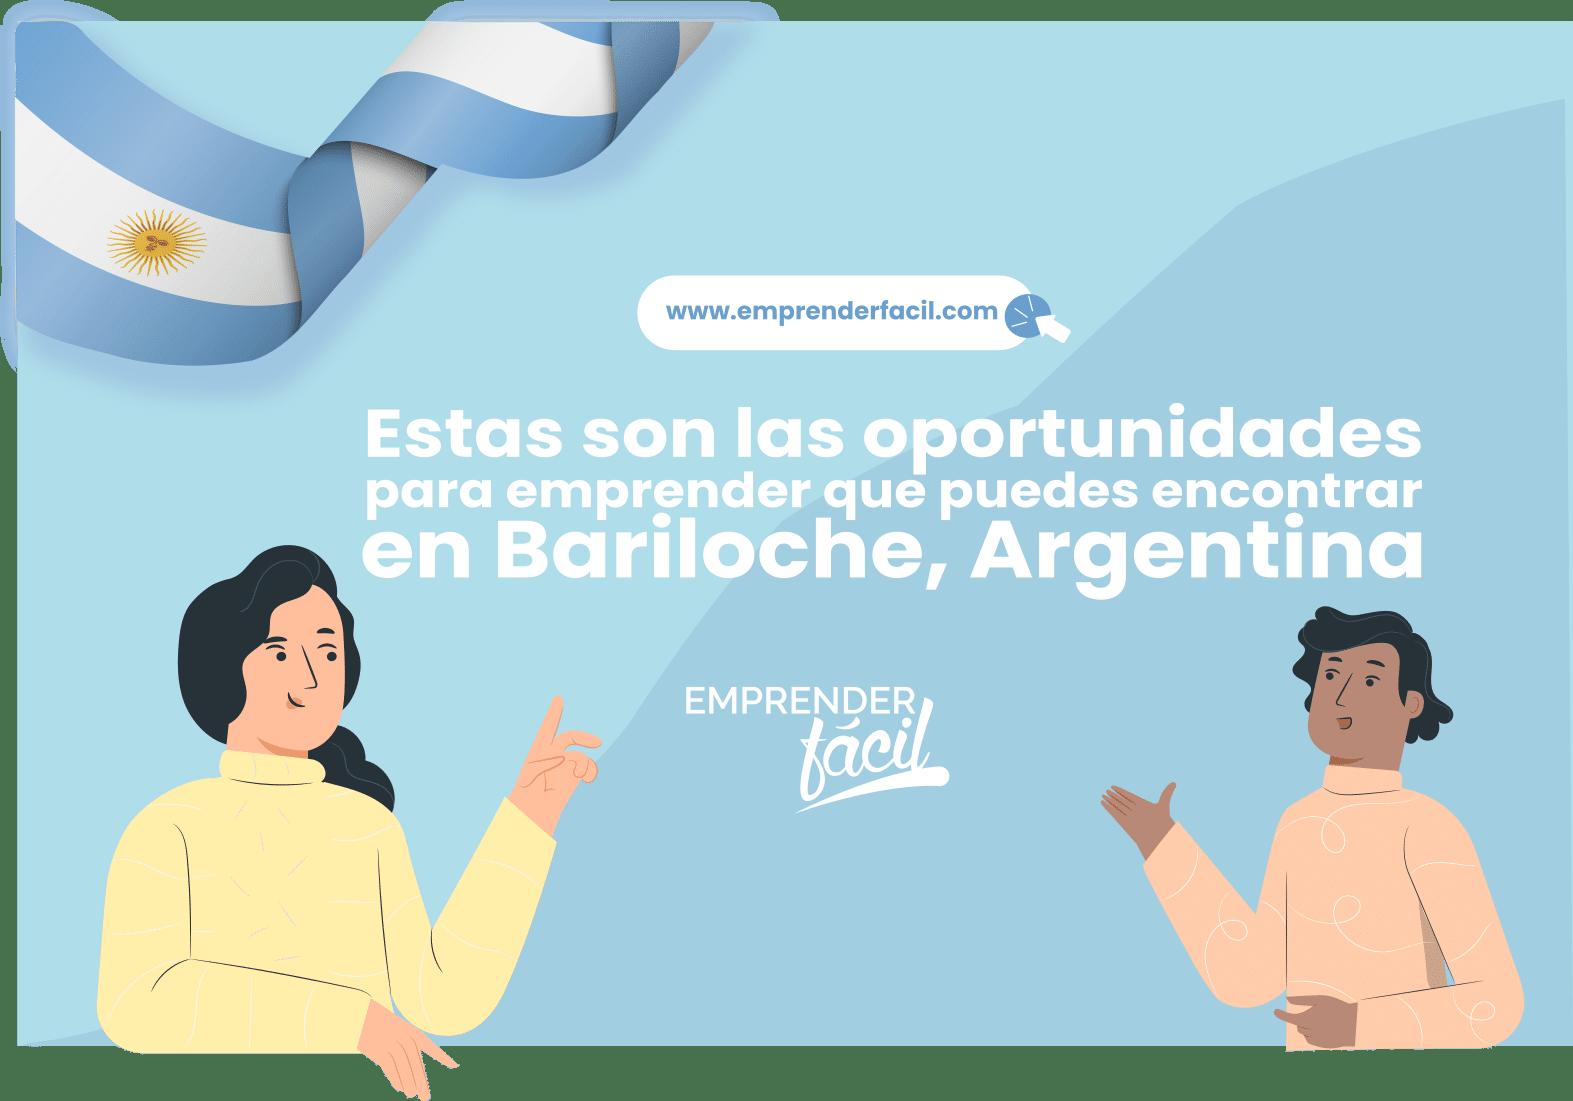 Posibilidades de emprender en la ciudad de Bariloche